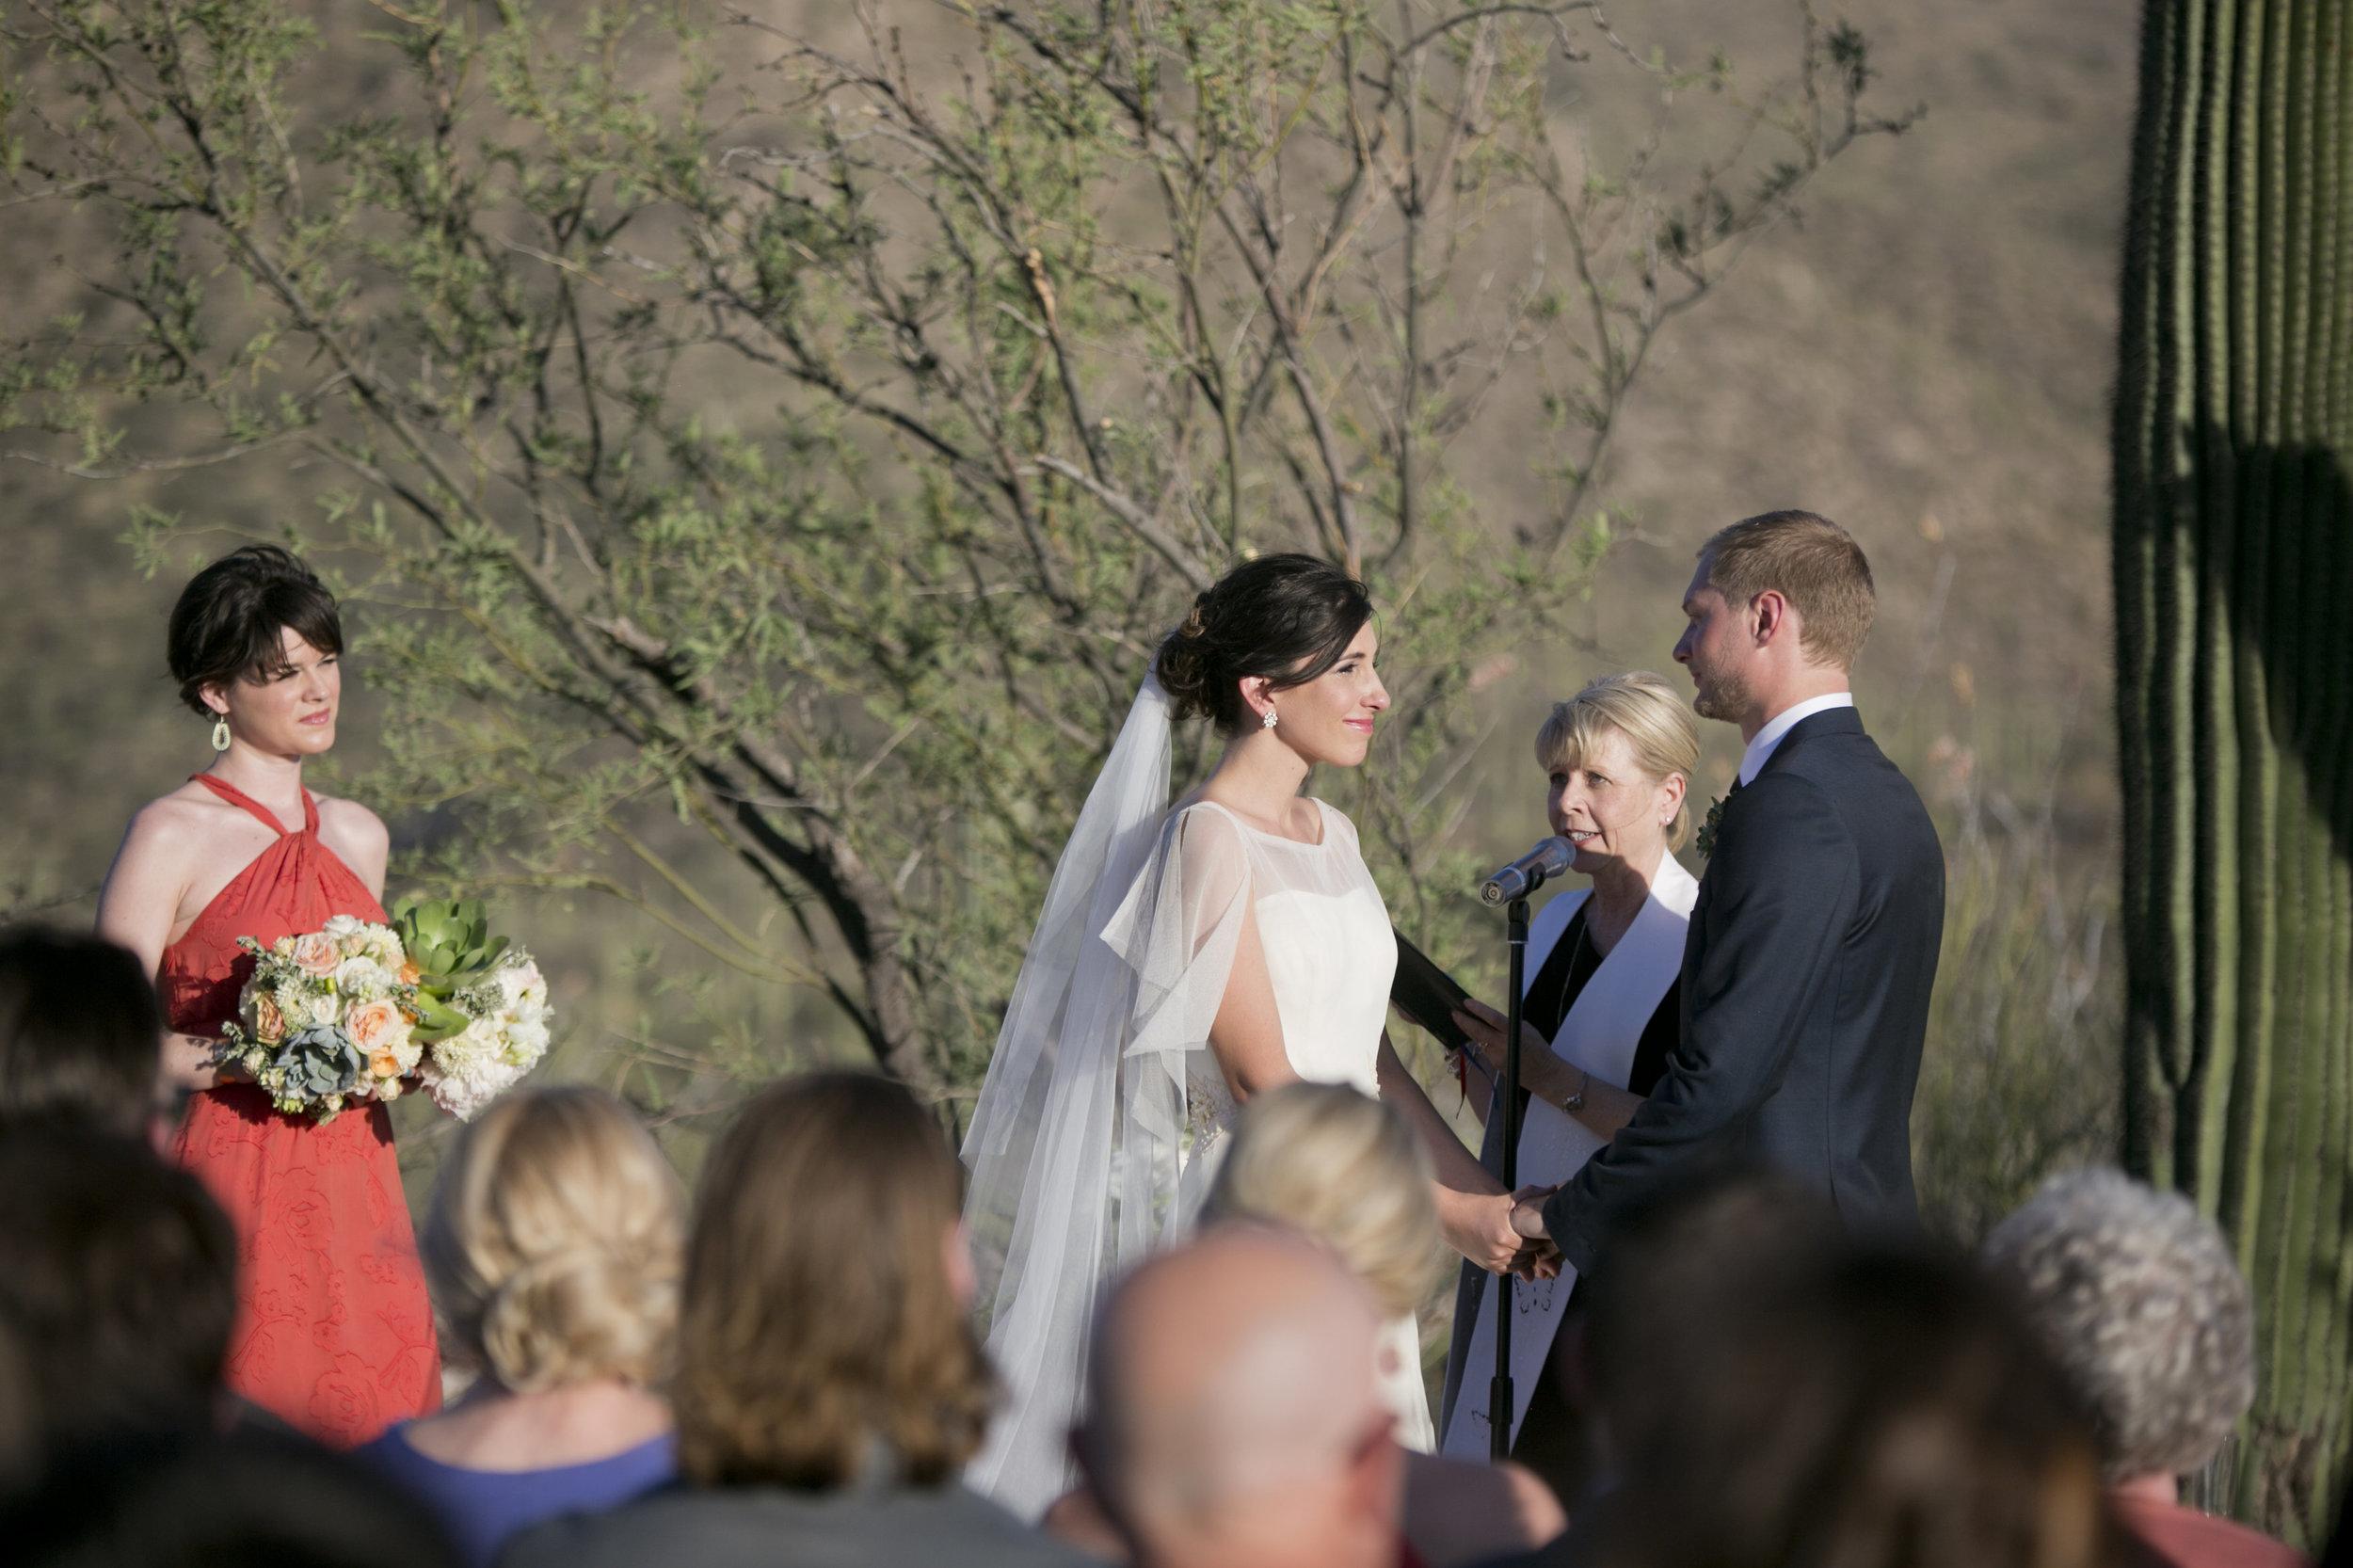 Ceci_New_York_Ceci_Style_Ceci_Johnson_Luxury_Lifestyle_Arizona_Wedding_Watercolor_Inspiration_Design_Custom_Couture_Personalized_Invitations_118.jpg